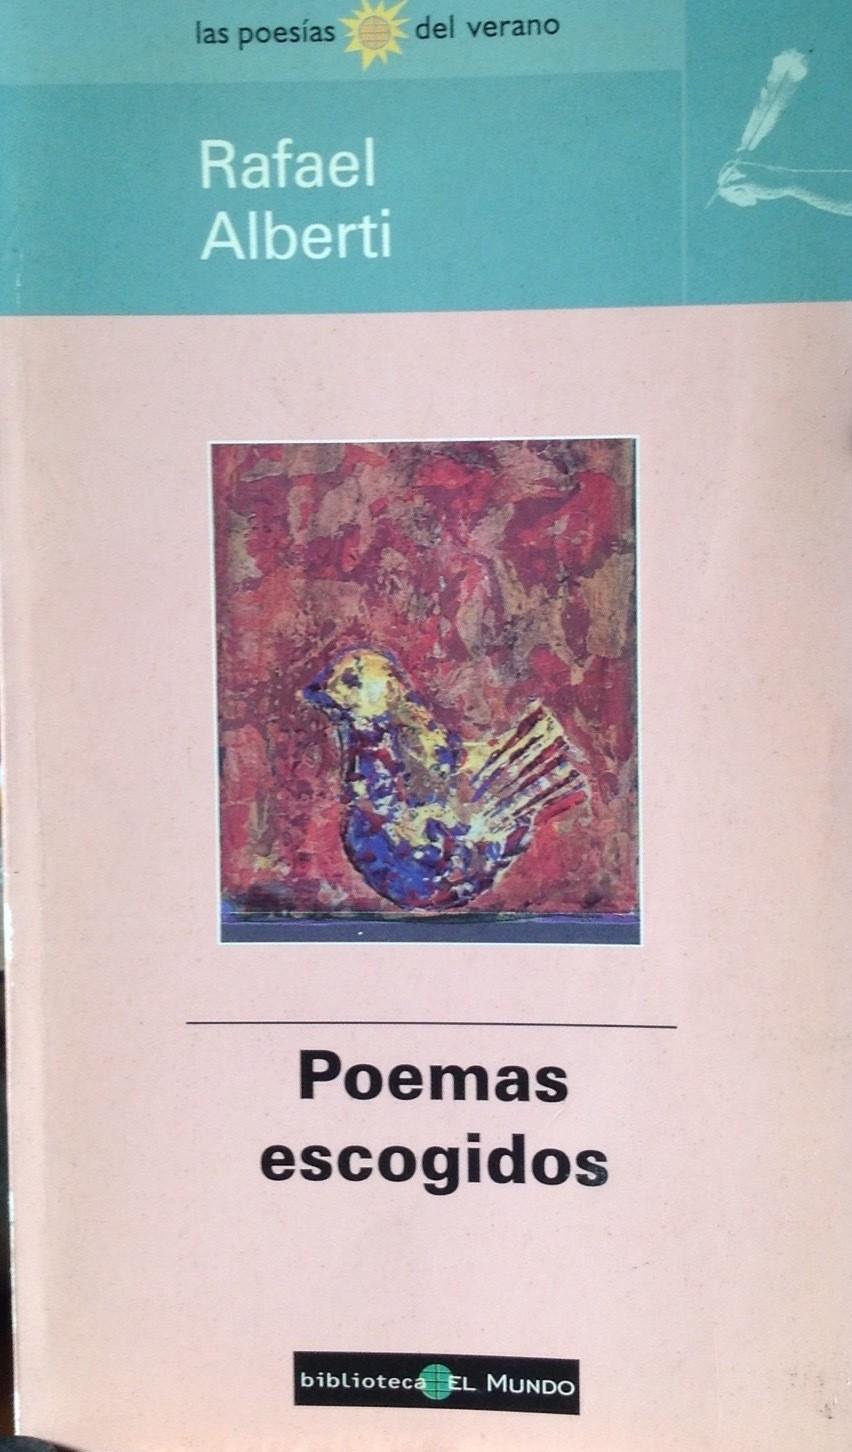 Rafael Alberti, Poemas escogidos